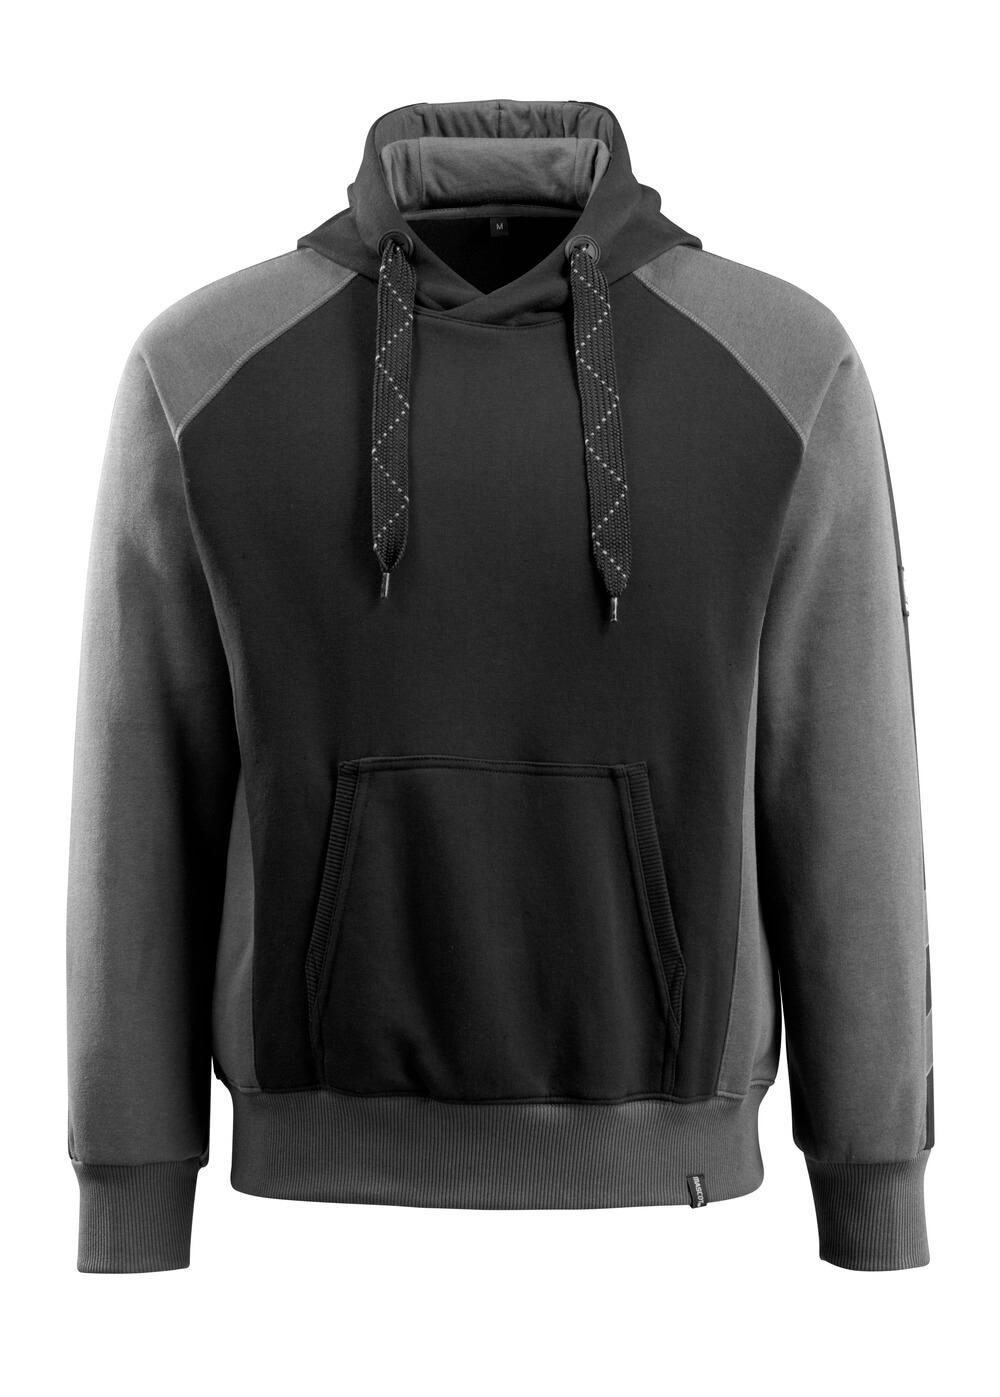 50572-963-0918 Sweat capuche - Noir/Anthracite foncé